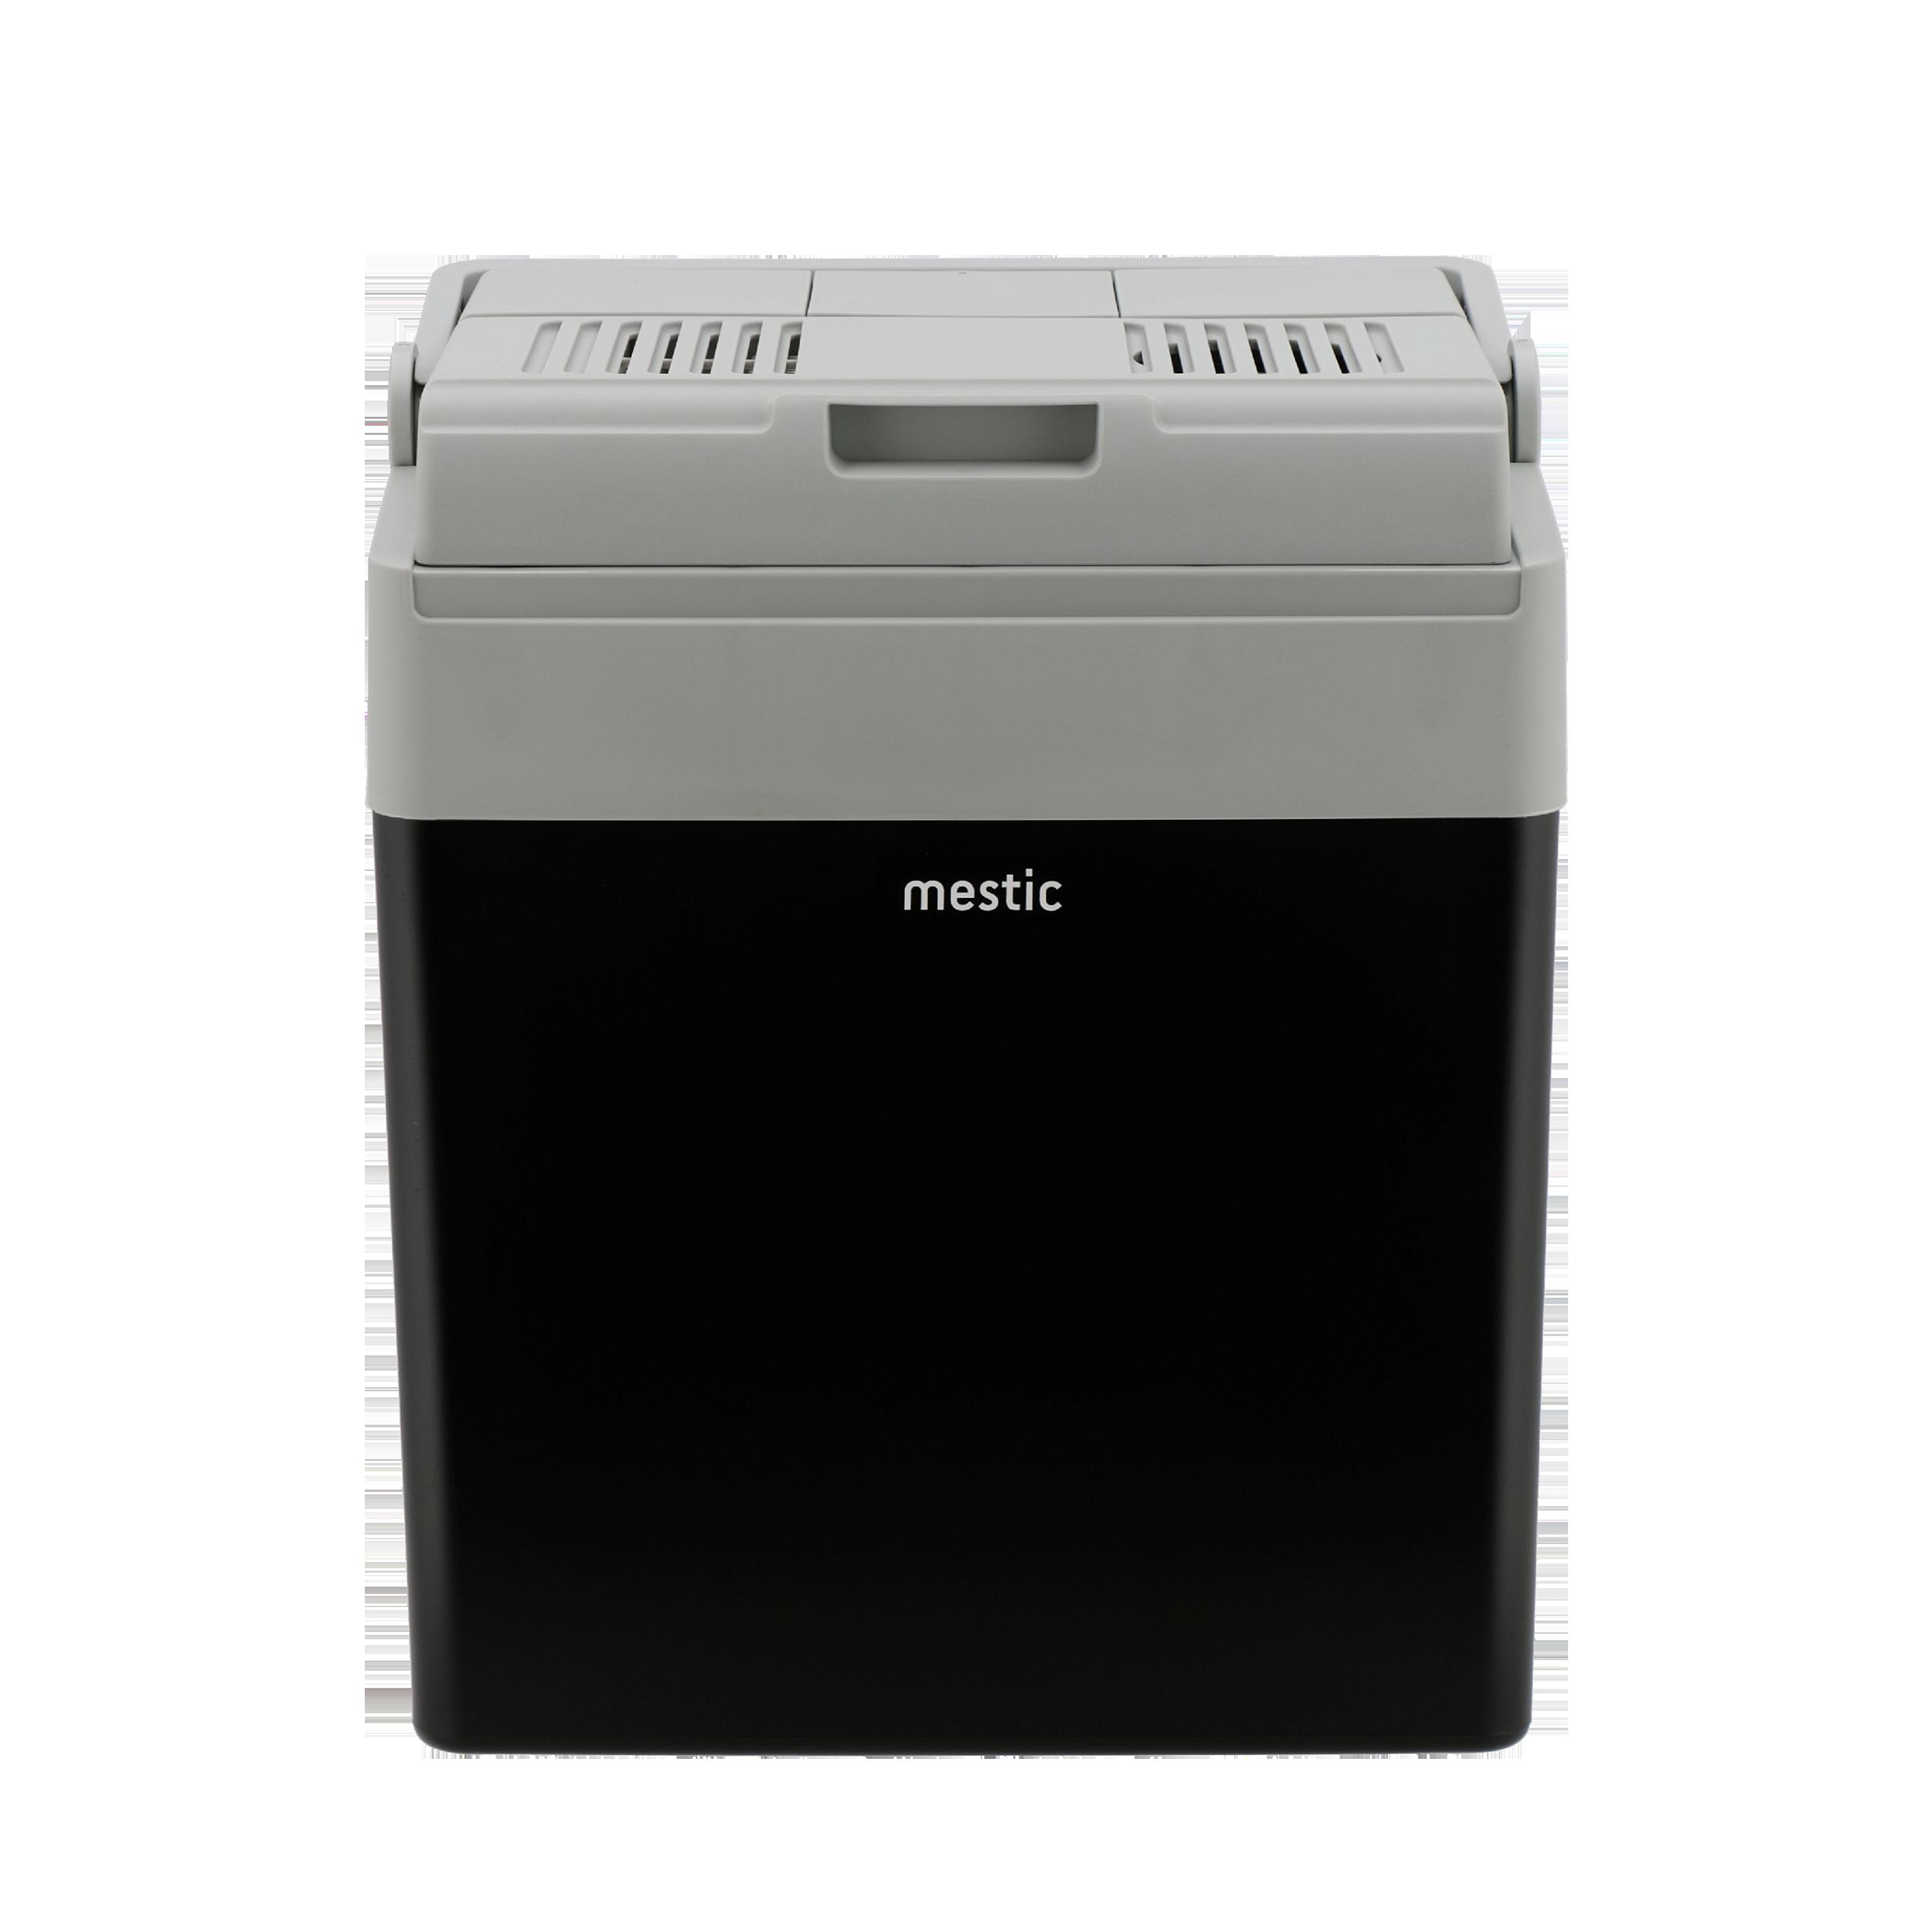 Mestic Mtec-28